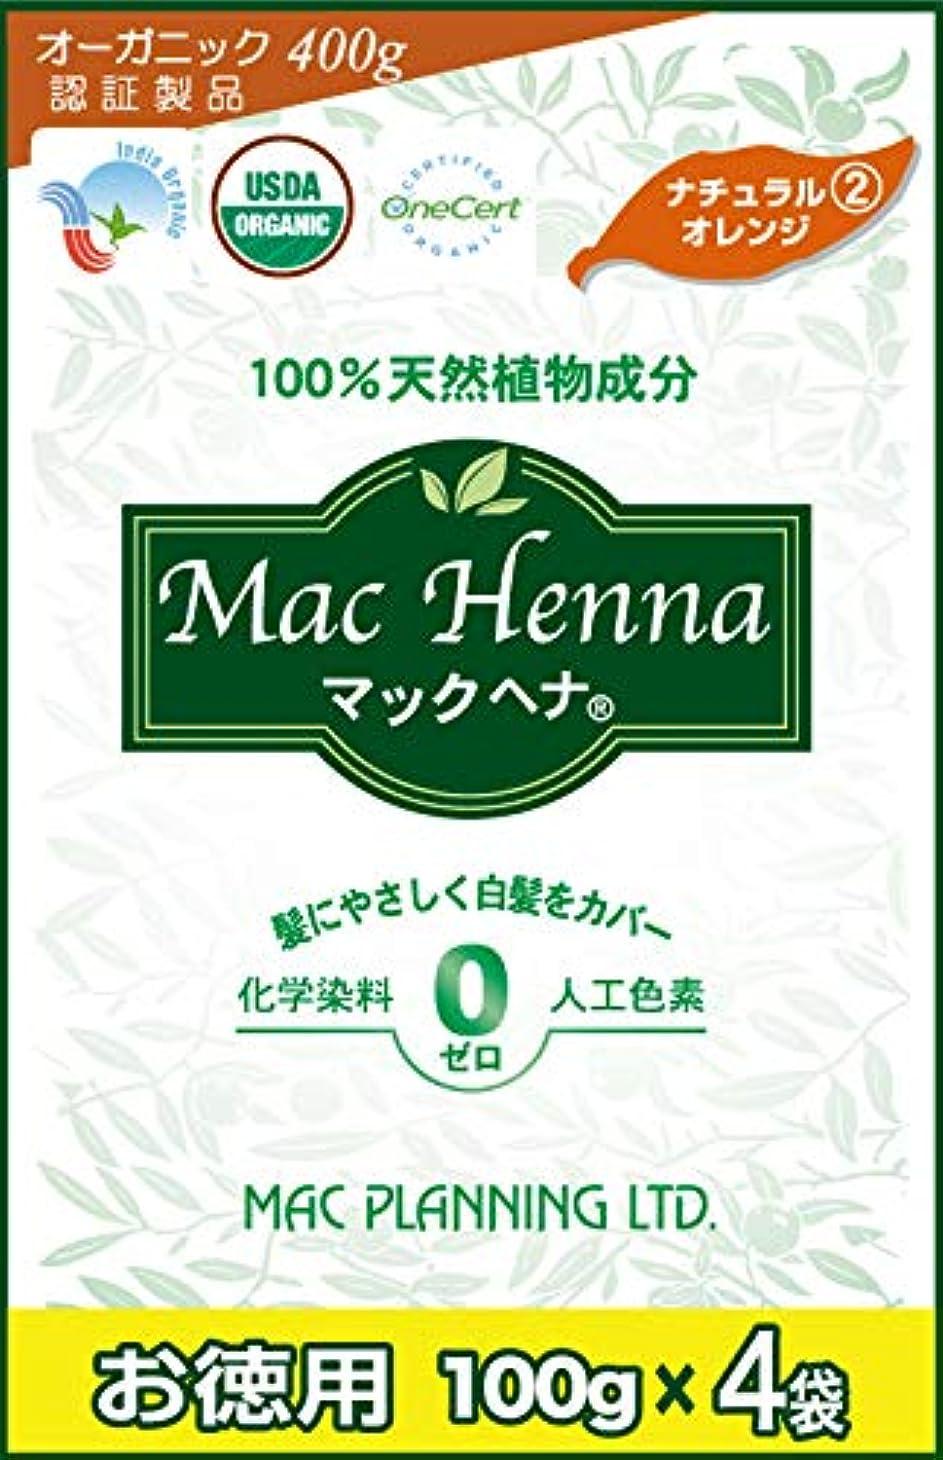 お気に入りドロップ隙間マックヘナ お徳用 ナチュラルオレンジ400g (ヘナ100%) ヘナ白髪用カラー